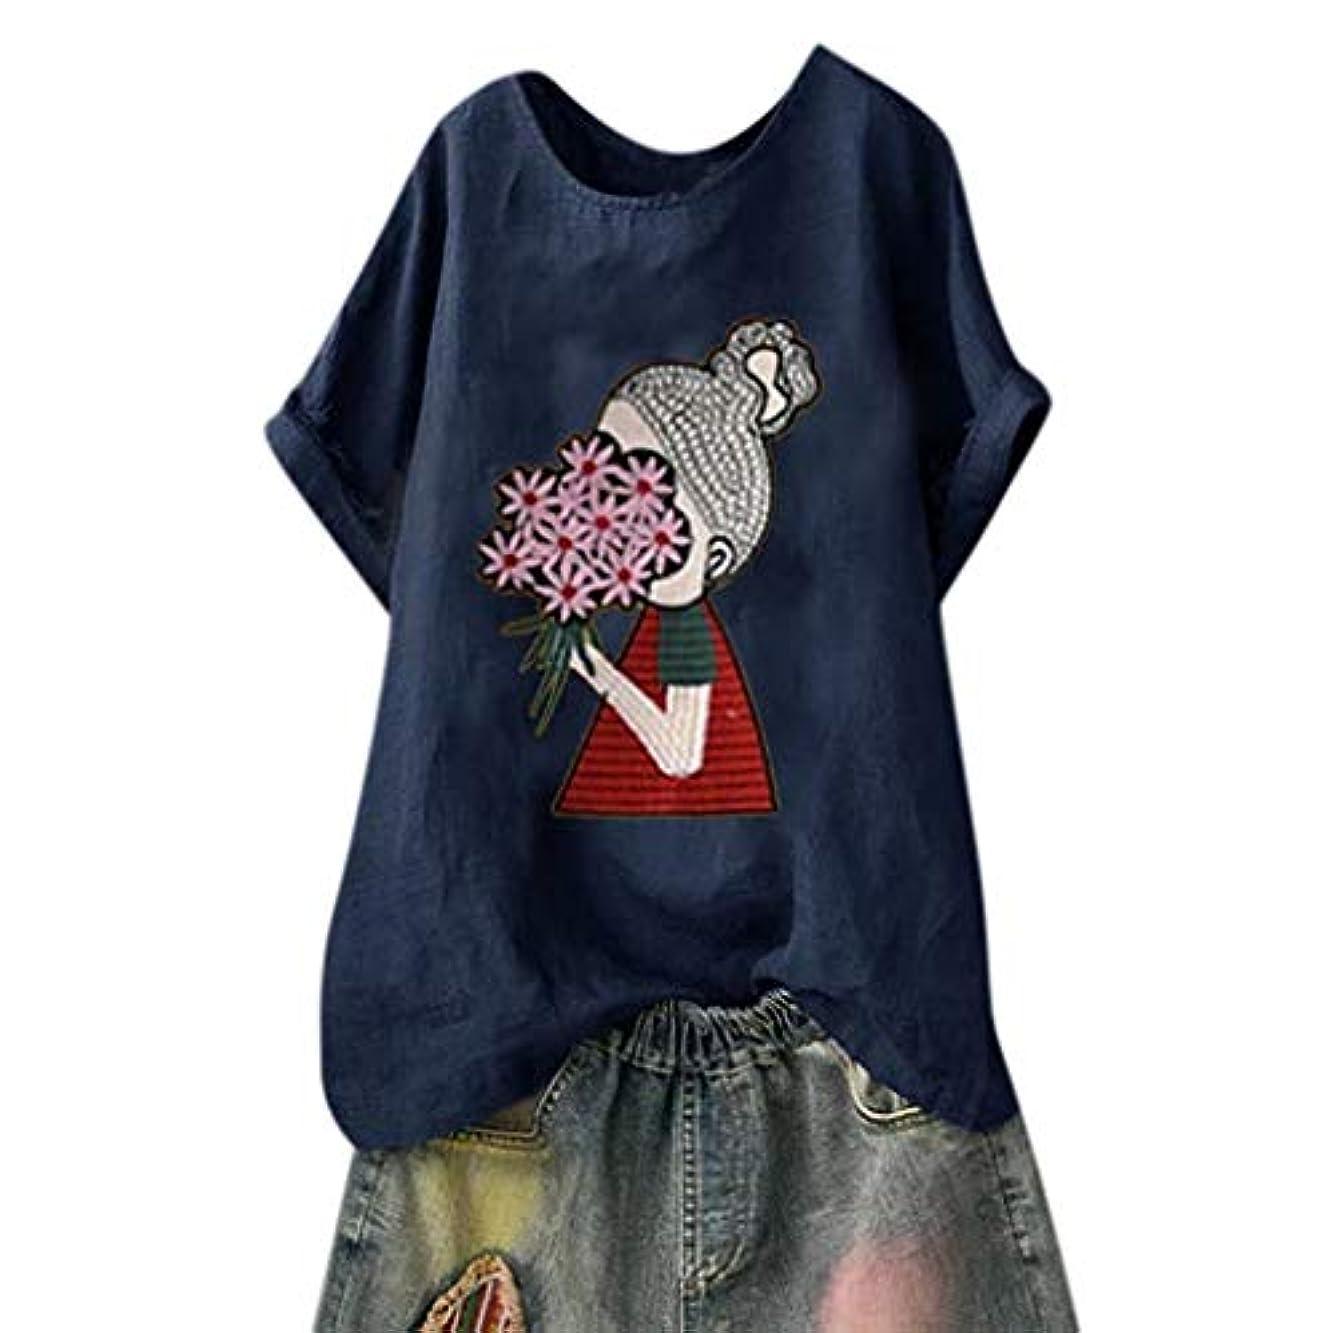 ほのめかすビジョン修道院レディース Tシャツ おおきいサイズ 半袖 丸首 象 魚の骨 クジラ 少女柄 トップス お出かけ ワイシャツ 安い 流行り ブラウス 快適な 柔らかい かっこいい カジュアル オシャレ 学生 洋服 綿麻